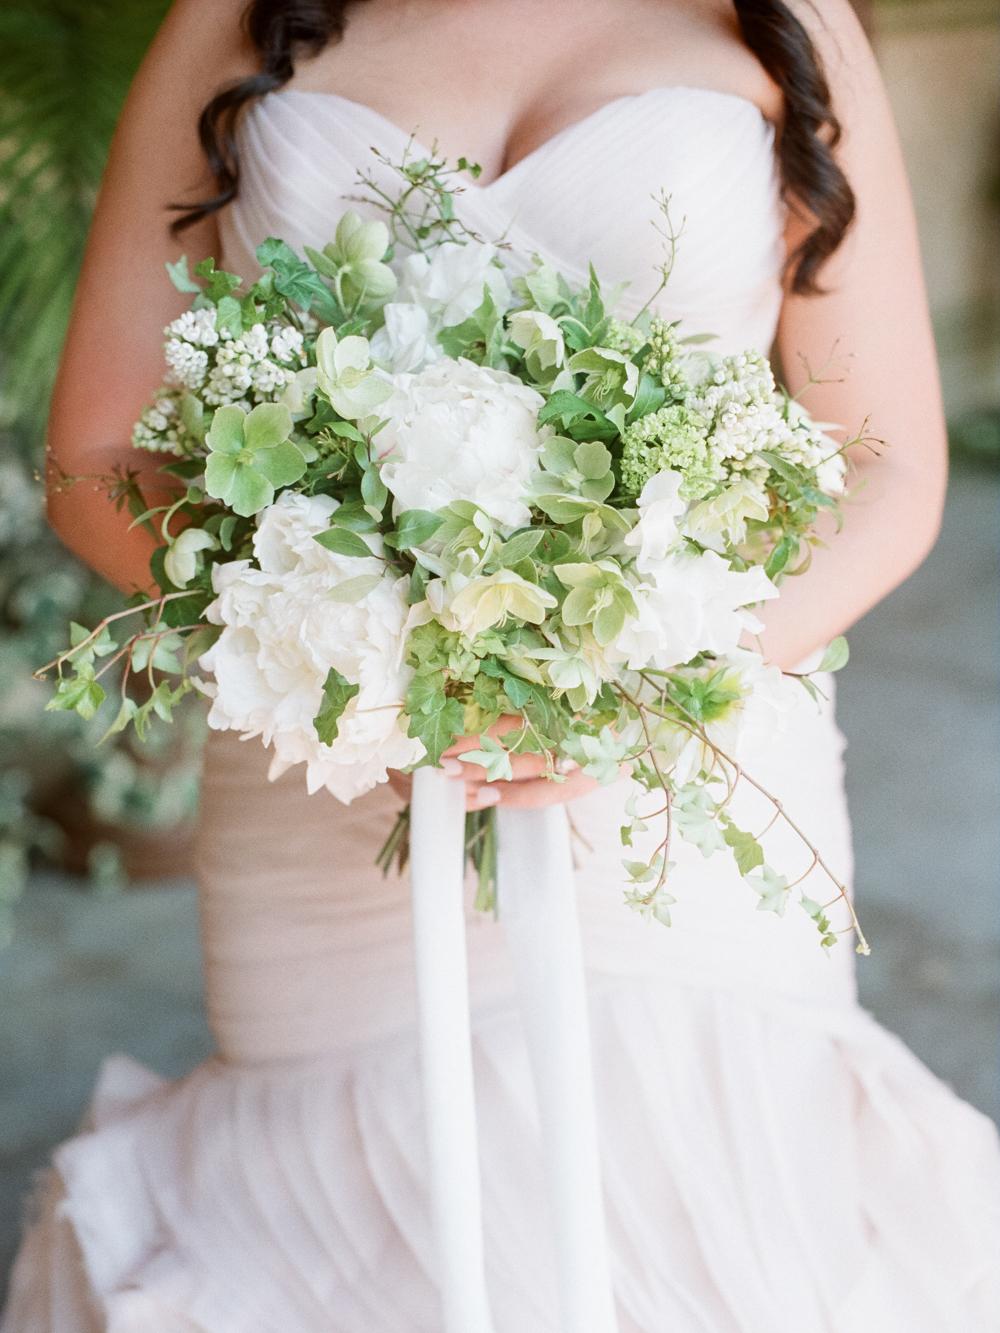 Royal wedding inspiration_christine Gosch_Houston wedding photographer_houston wedding _houston film photographer_film photographer_www.christinegosch.com-4.jpg